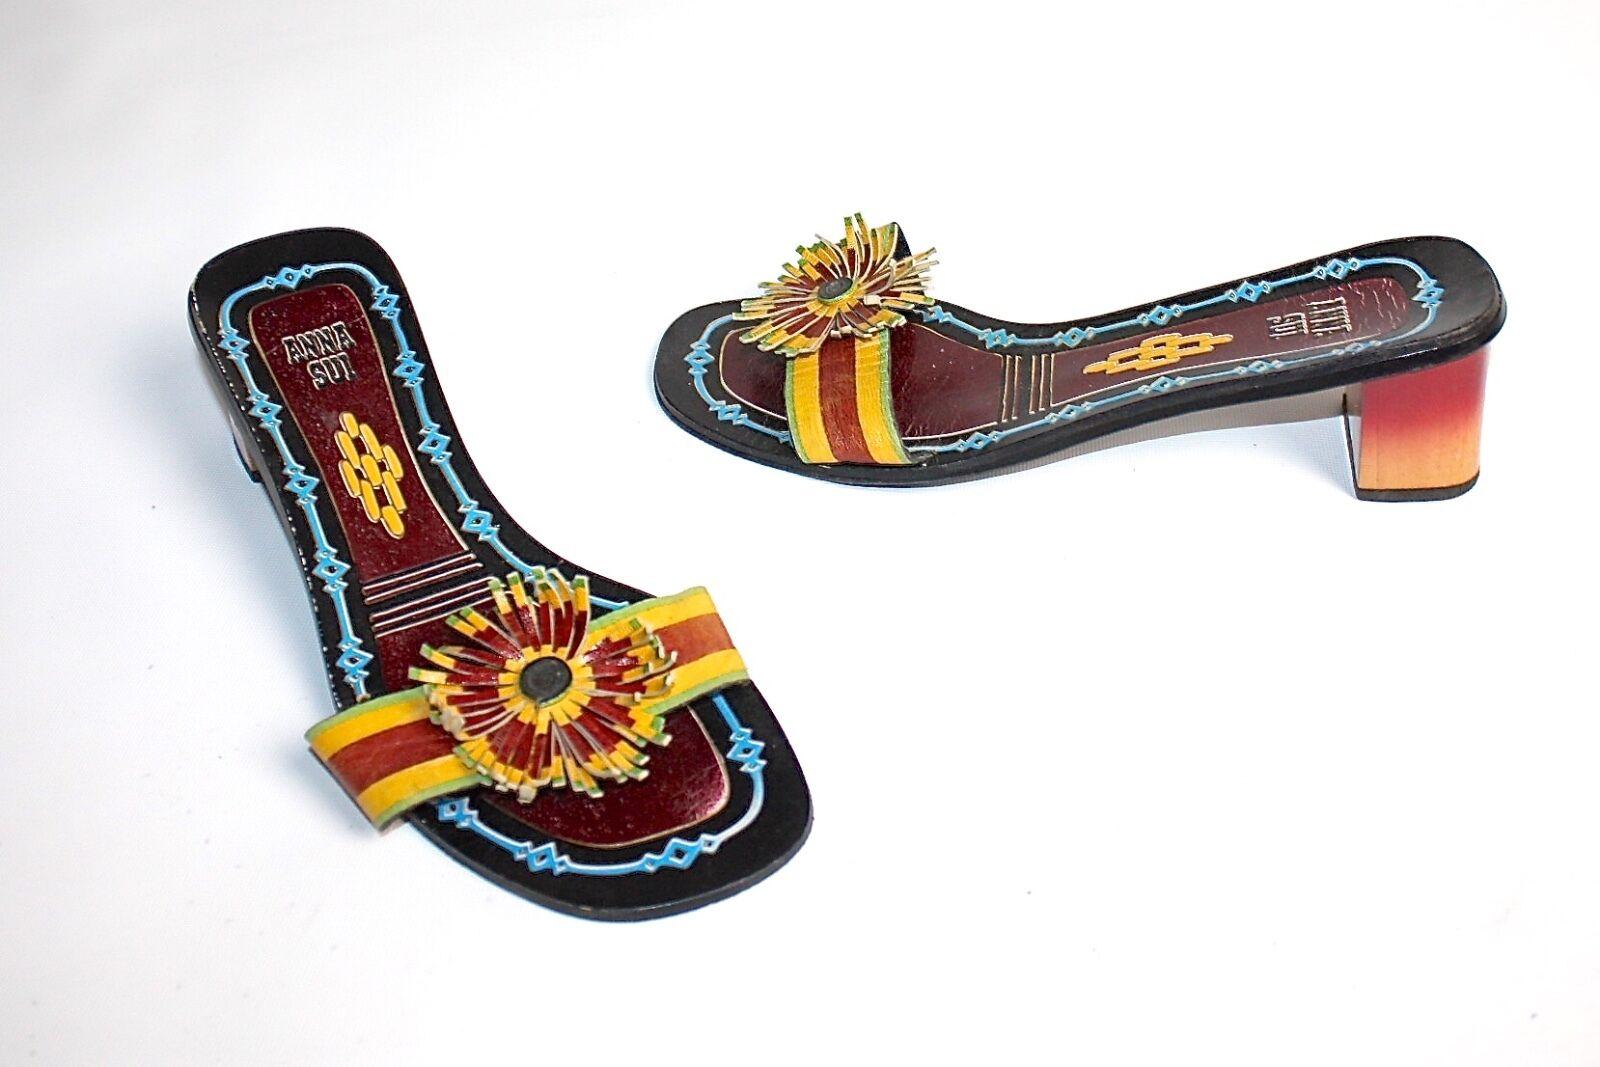 Anna Sui  hermosa Colorido sandalias 39 39 39 usado poco   02193 39 50    primera vez respuesta